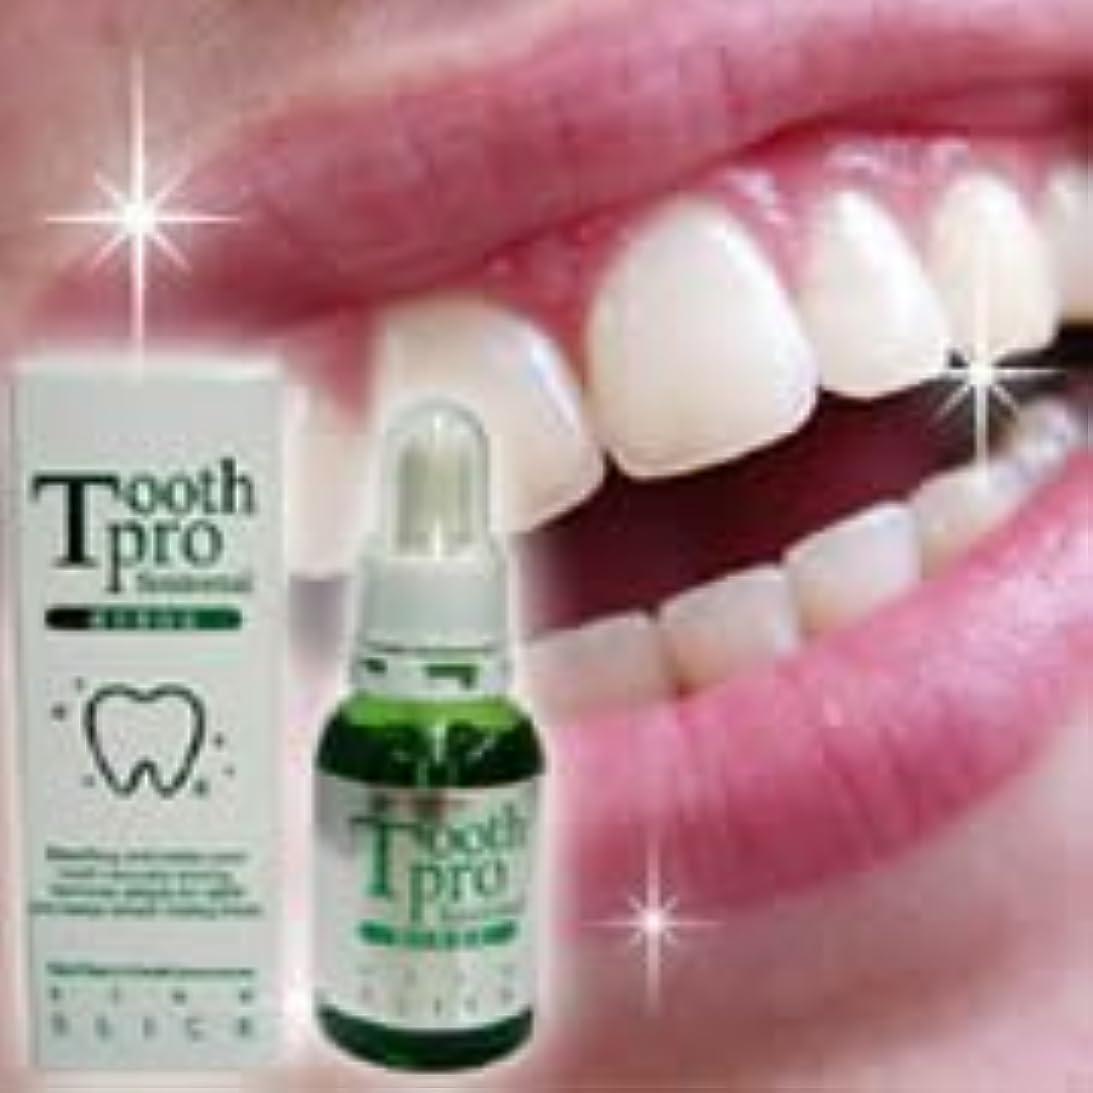 文房具細部デクリメントトゥース プロフェッショナル 20ml ×2個セット (tooth professional)